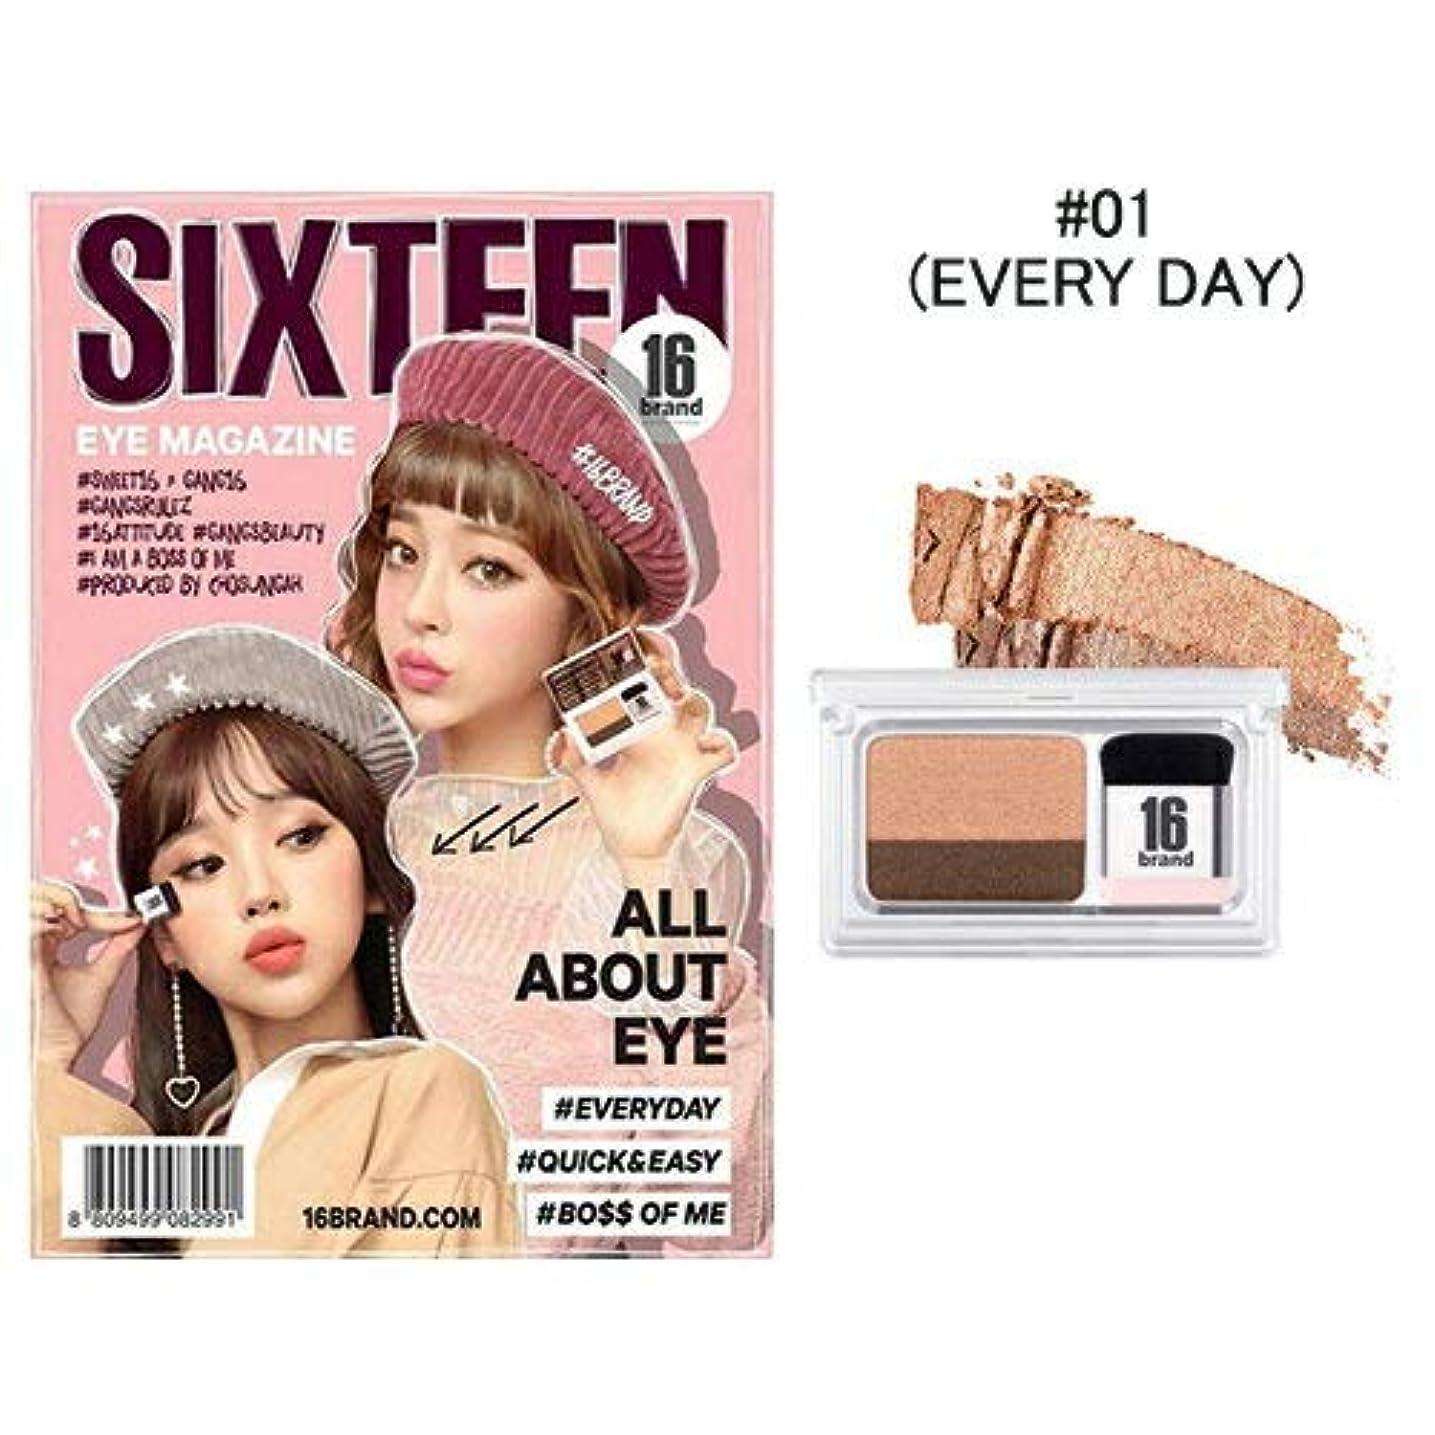 課す扇動する読者[New Color] 16brand Sixteen Eye Magazine 2g /16ブランド シックスティーン アイ マガジン 2g (#01 EVERY DAY) [並行輸入品]